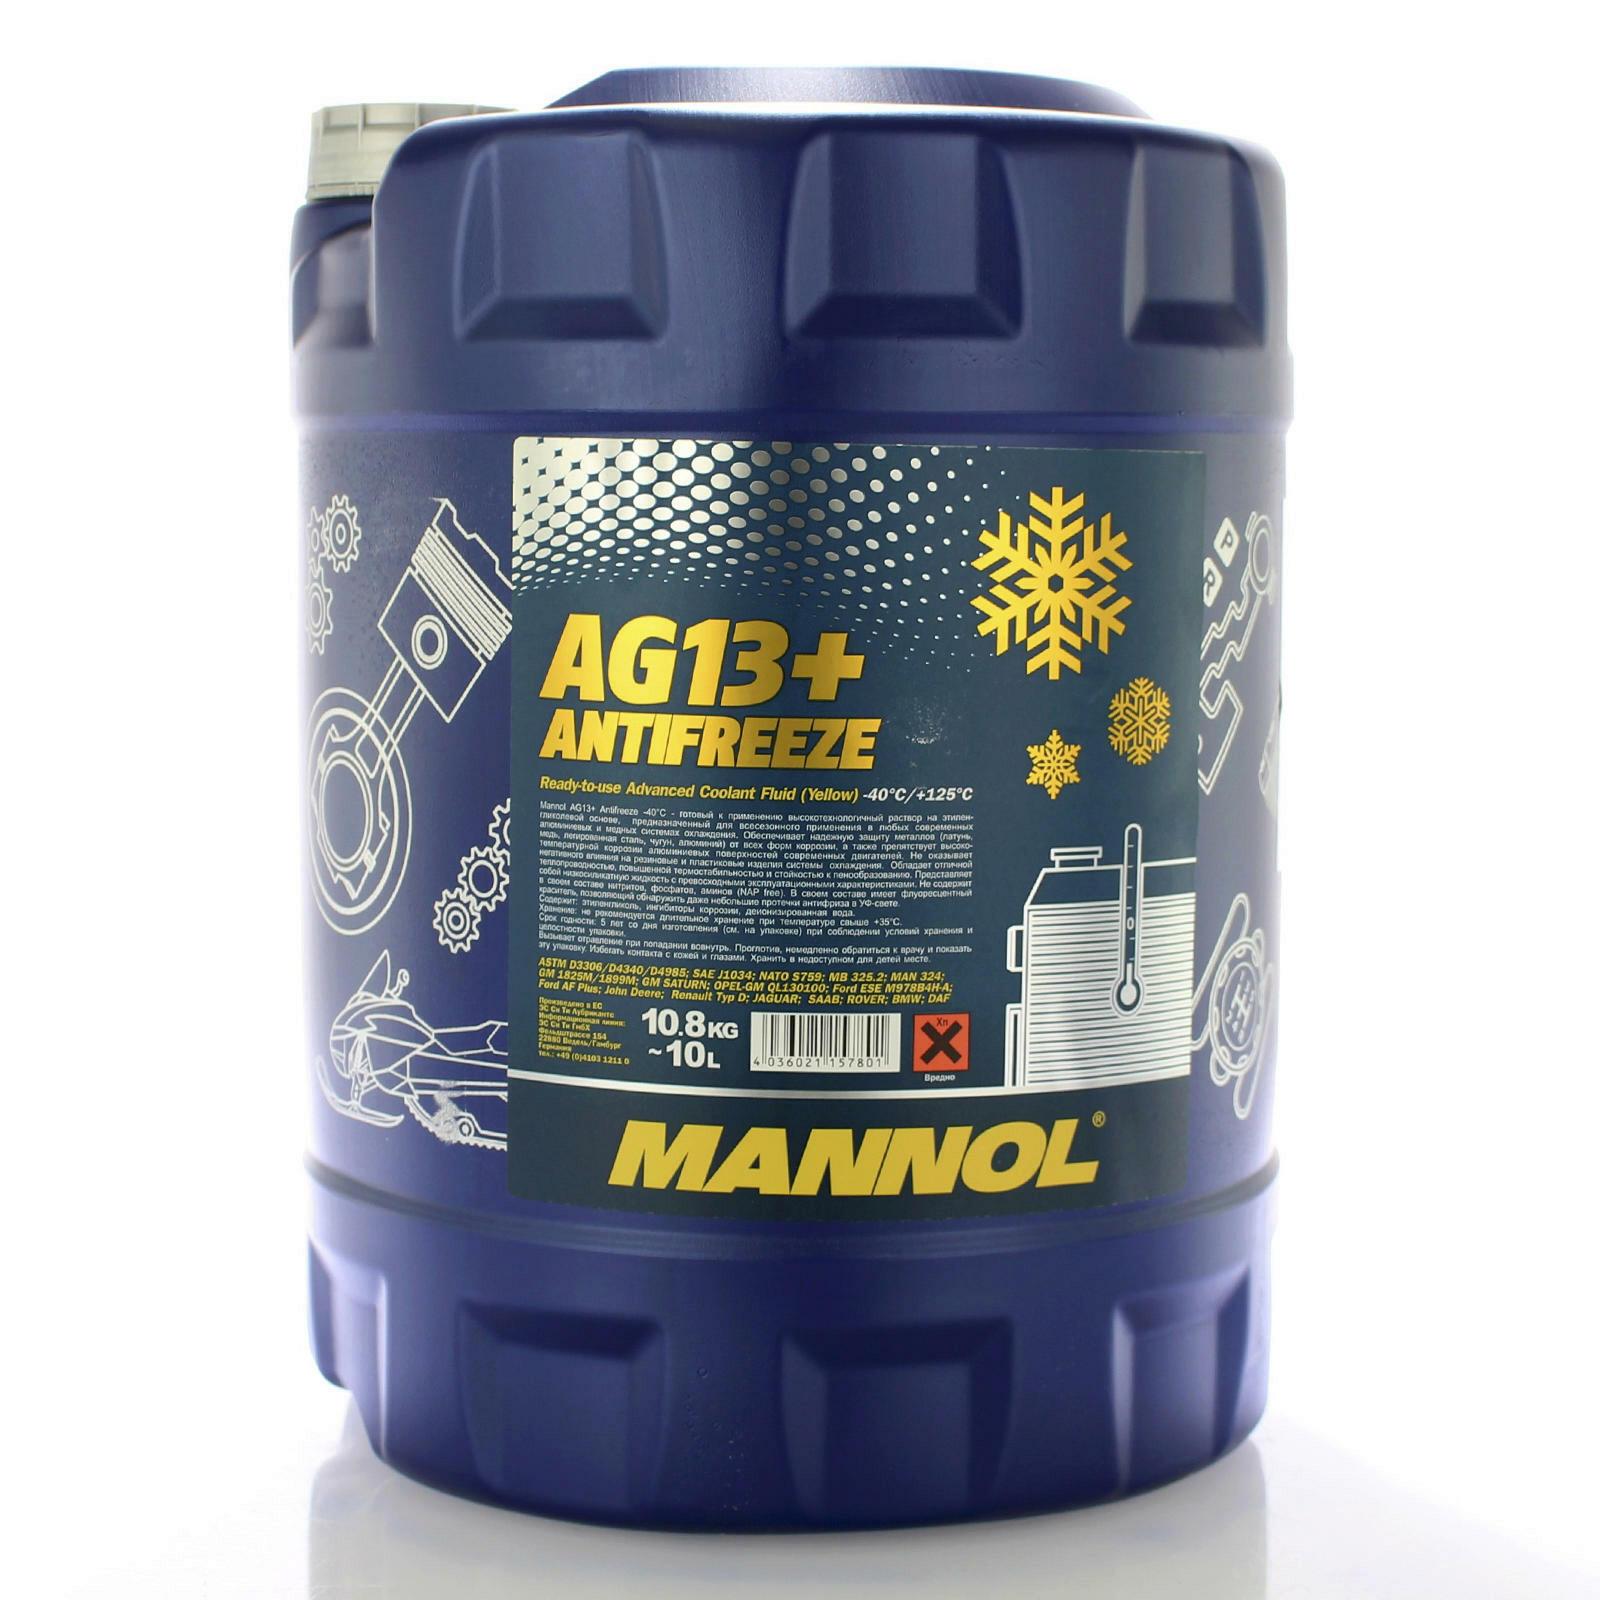 Mannol Frostschutz AG13+ 10L